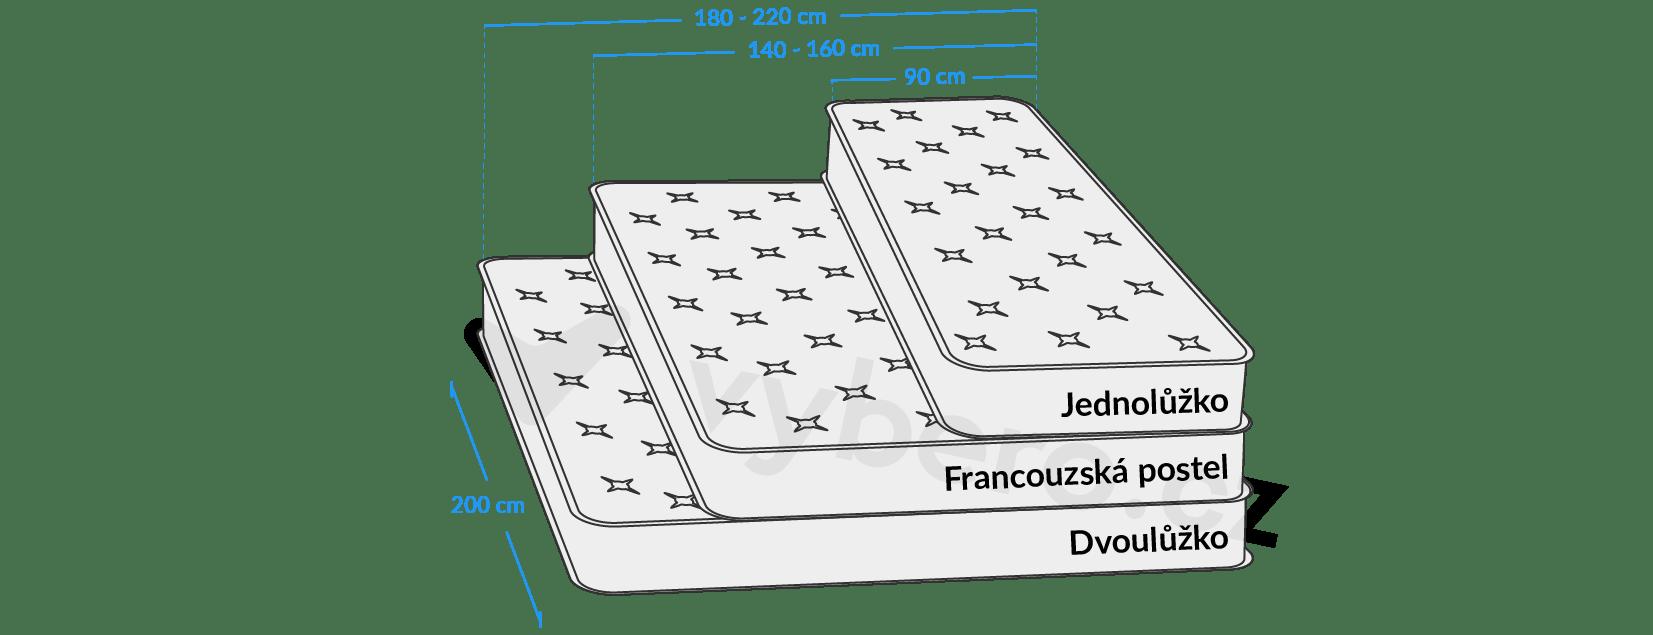 Různé rozměry postelí